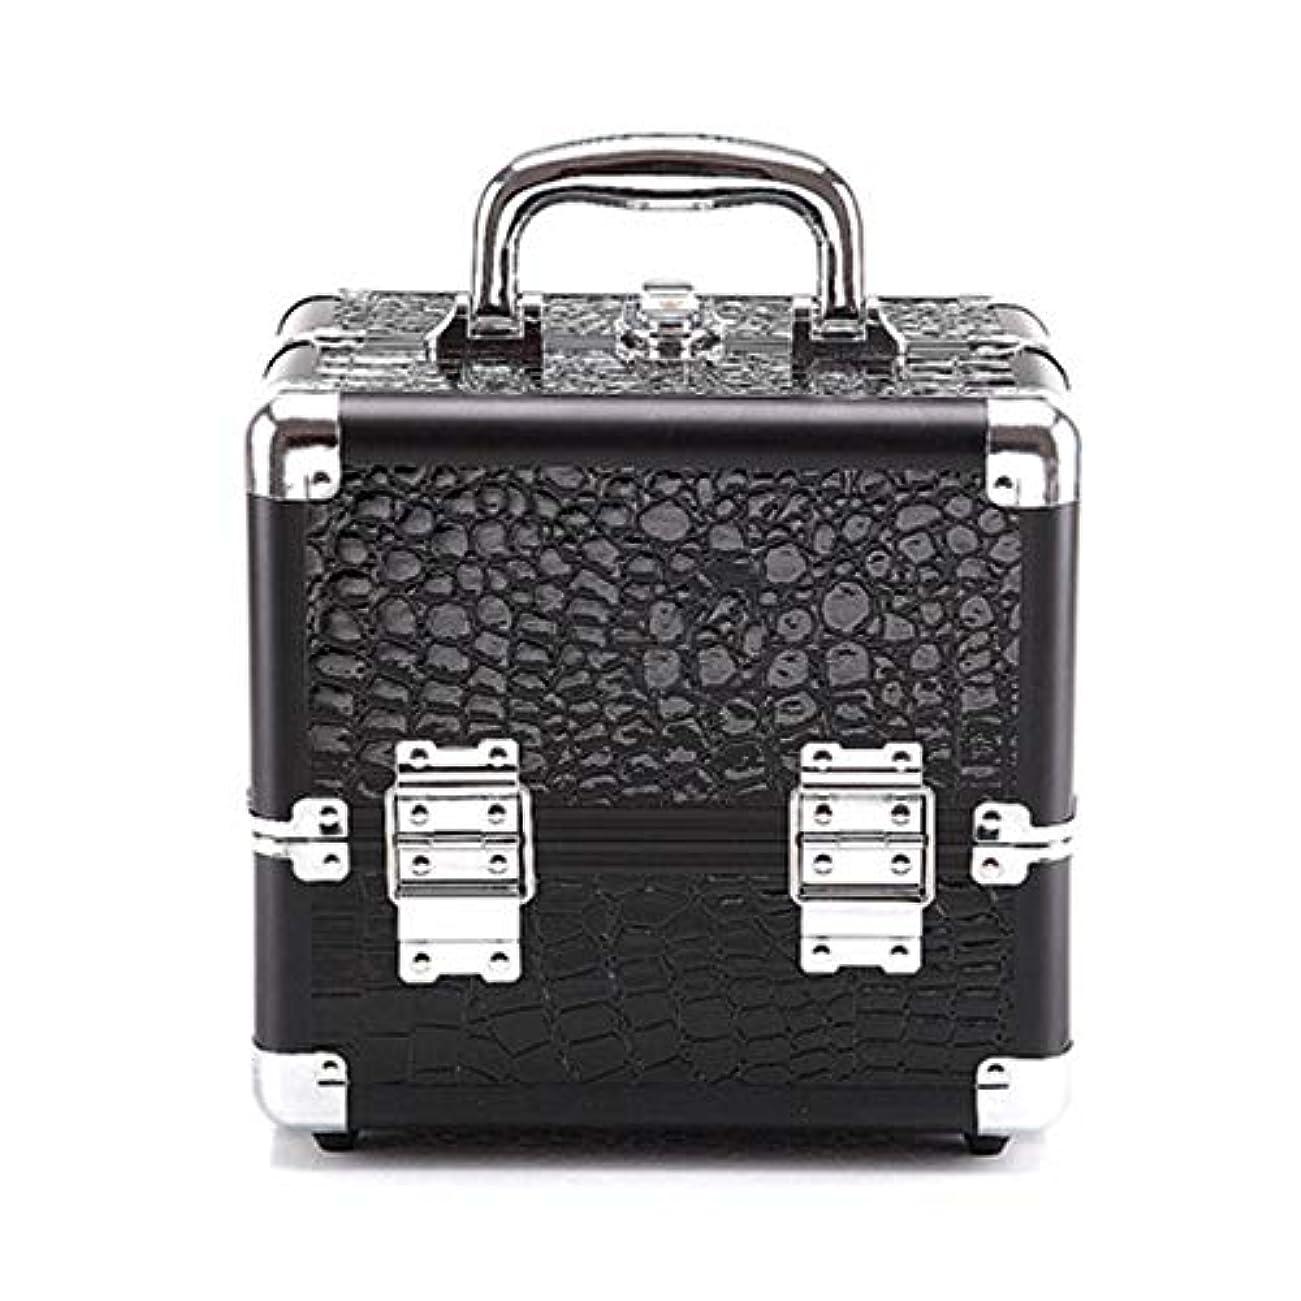 甘美な存在どこ特大スペース収納ビューティーボックス 多機能ポータブル旅行化粧ケース化粧品袋トイレタリーバッグ用十代の女の子女性アーティスト 化粧品化粧台 (色 : Black(S))